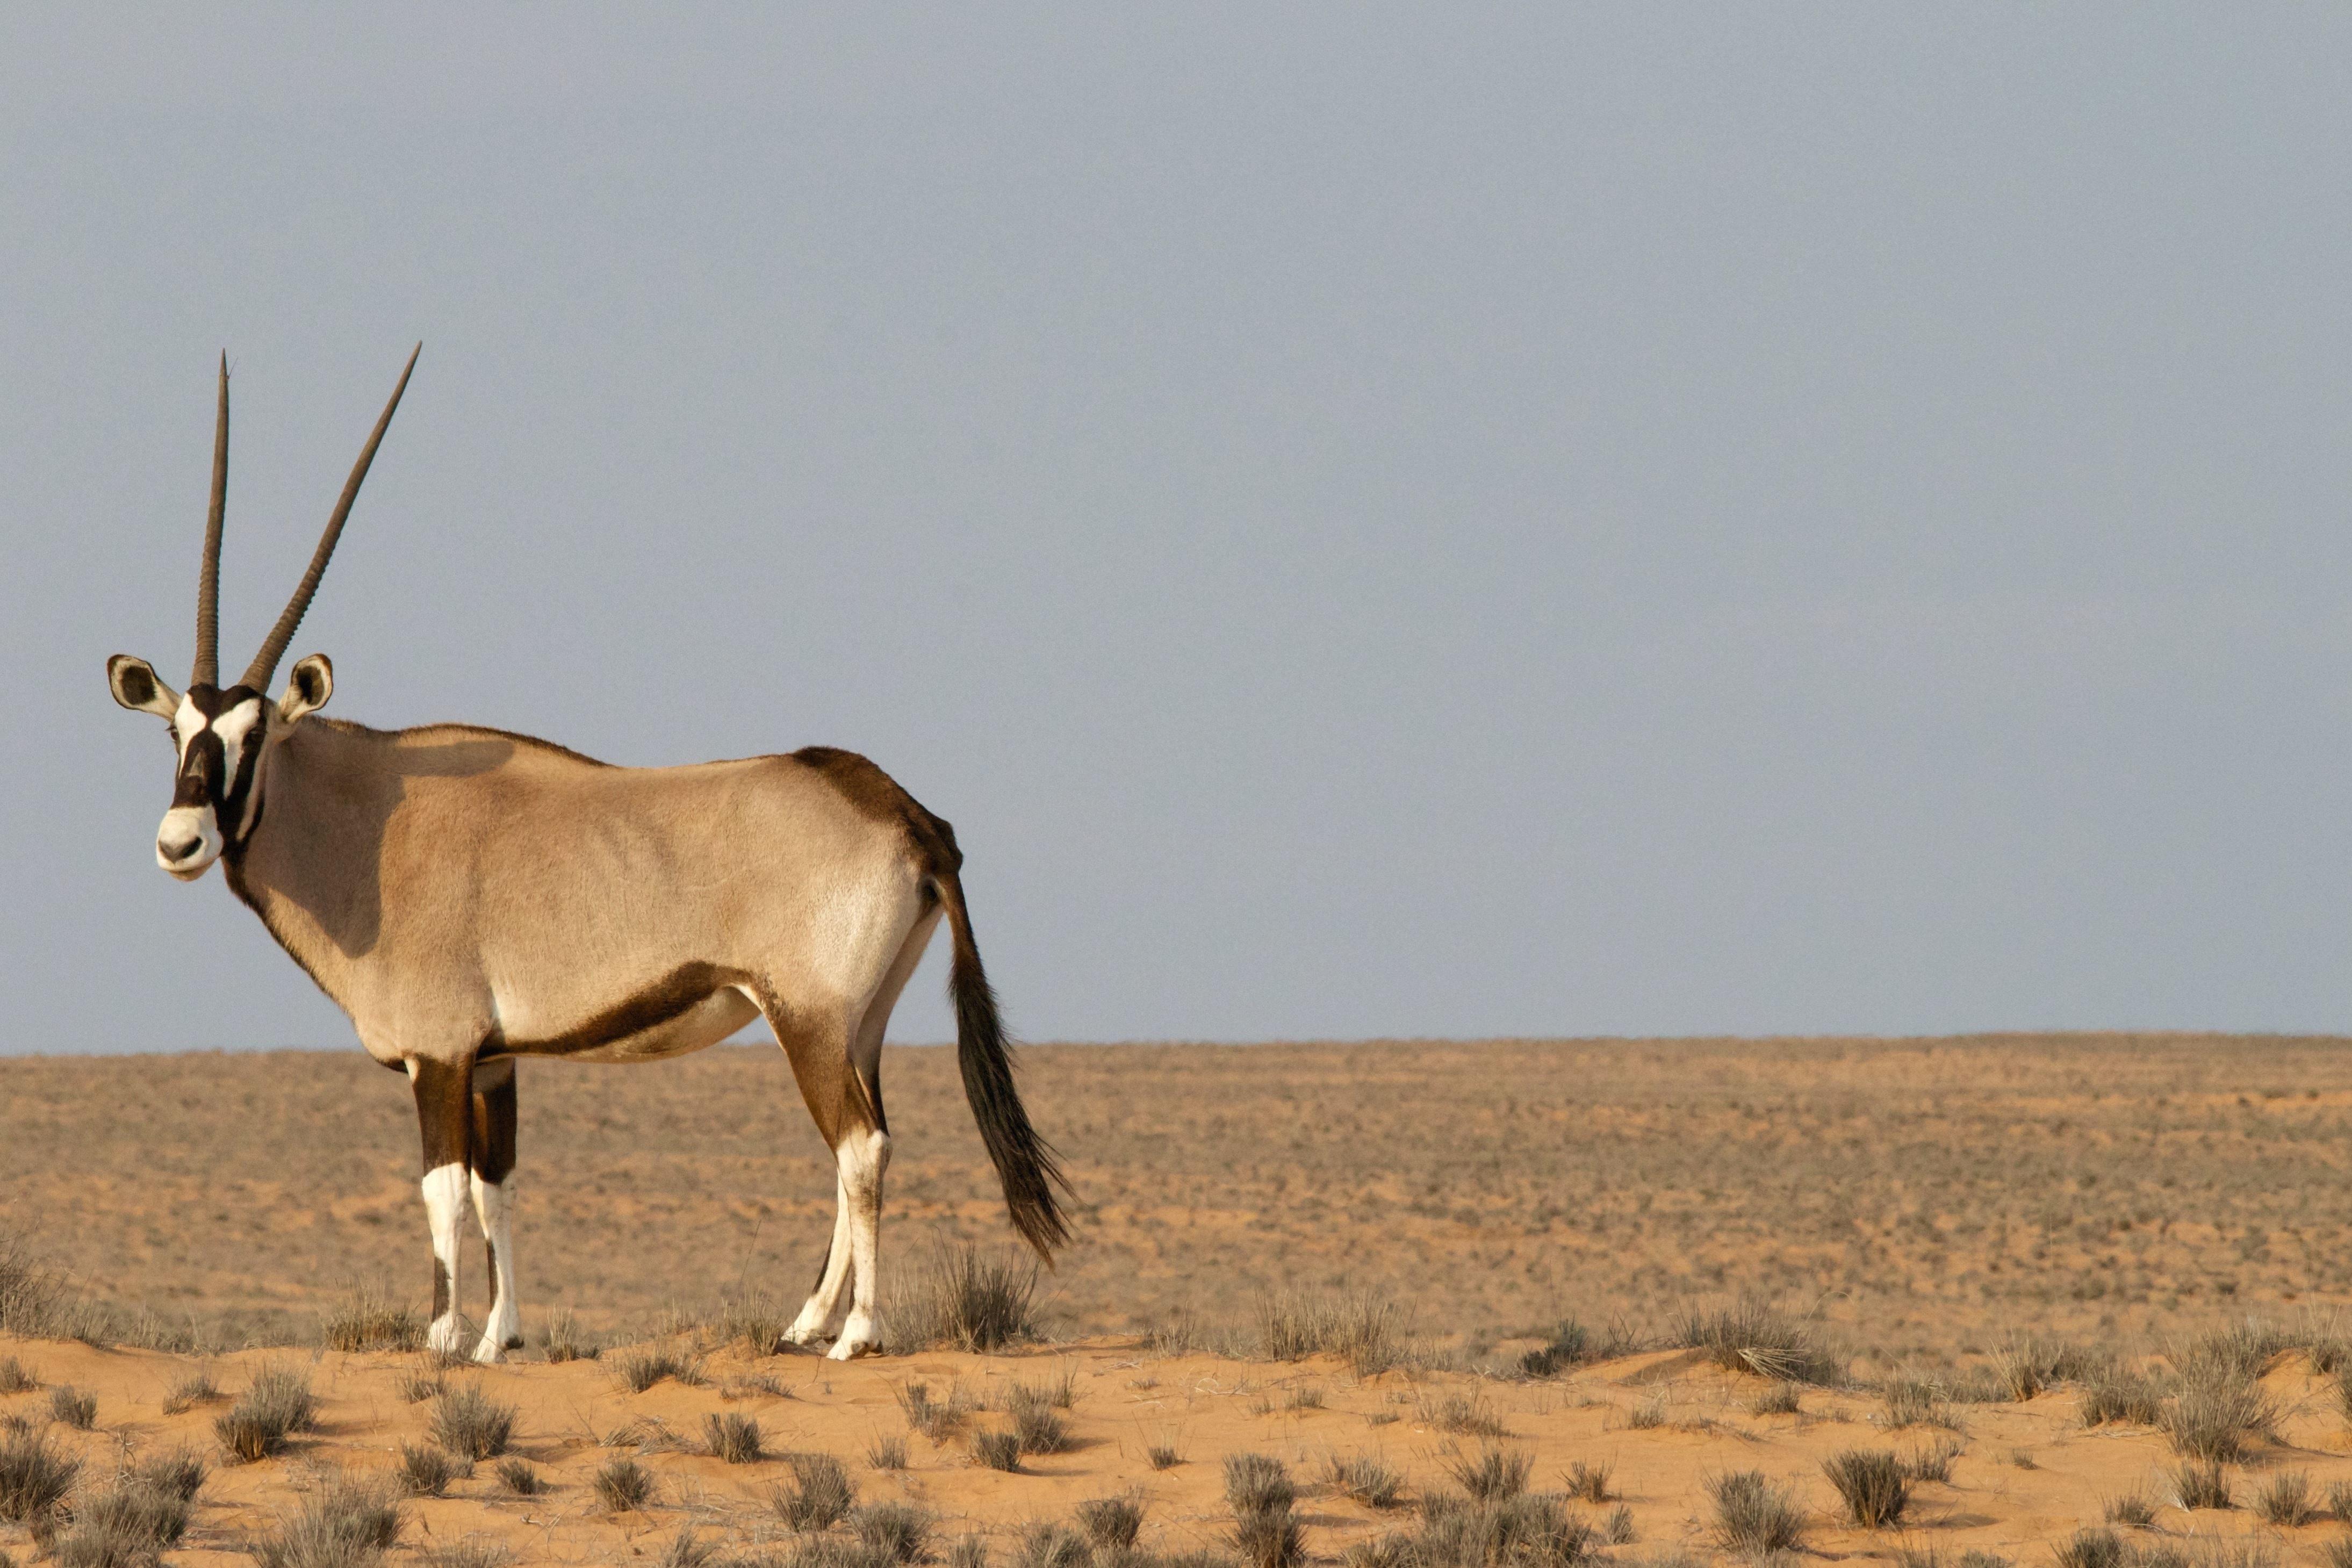 Free picture: antelope, animal, desert, grass, horns, sky